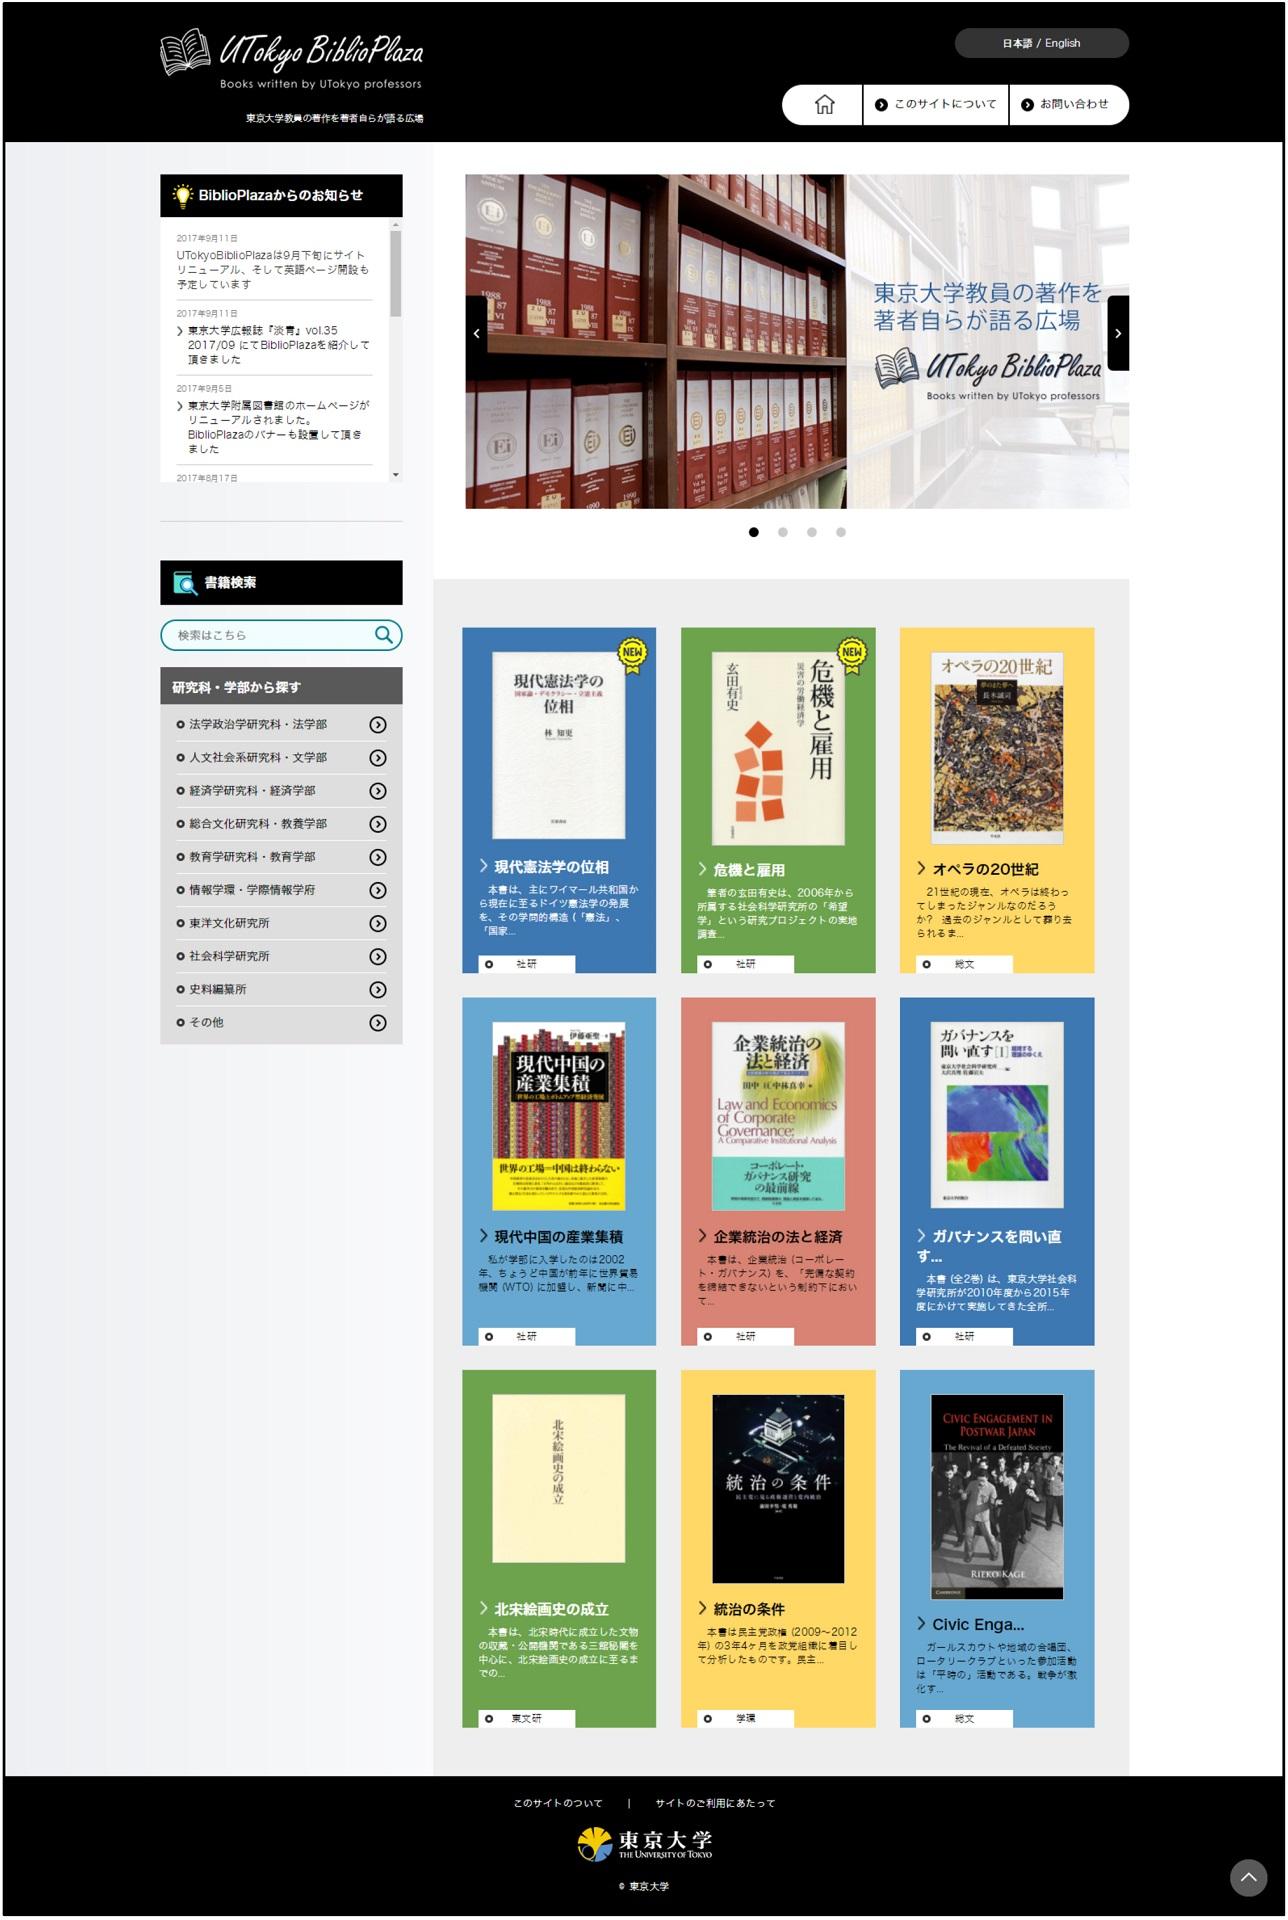 東京大学が、東京大学の教員の卓越性と多様性を示す著作物(書籍)を著者自らが紹介する場としてウェブサイト「UTokyo BiblioPlaza」を開設